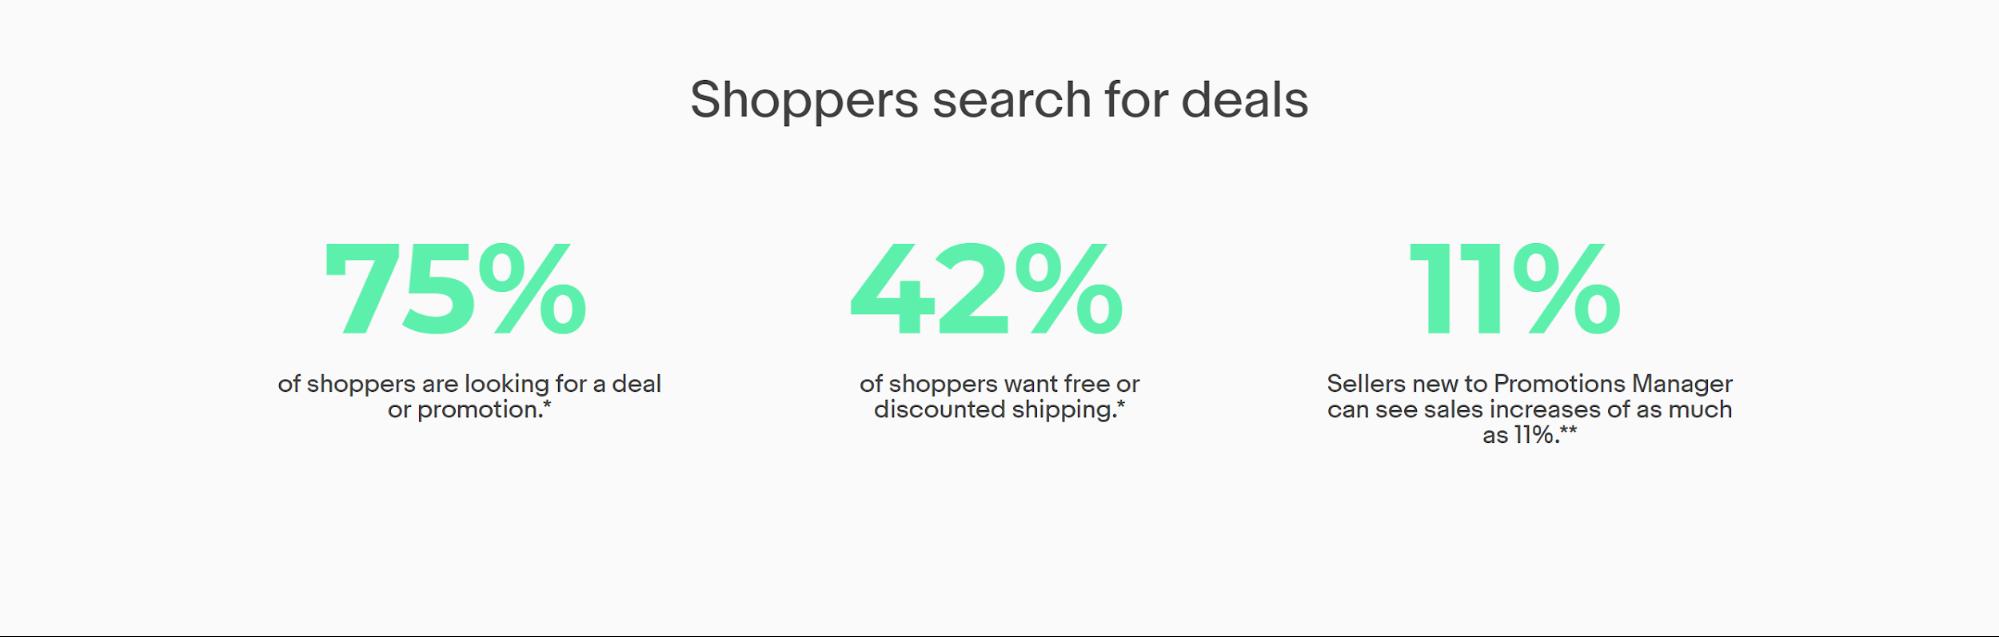 ebay deals statistics